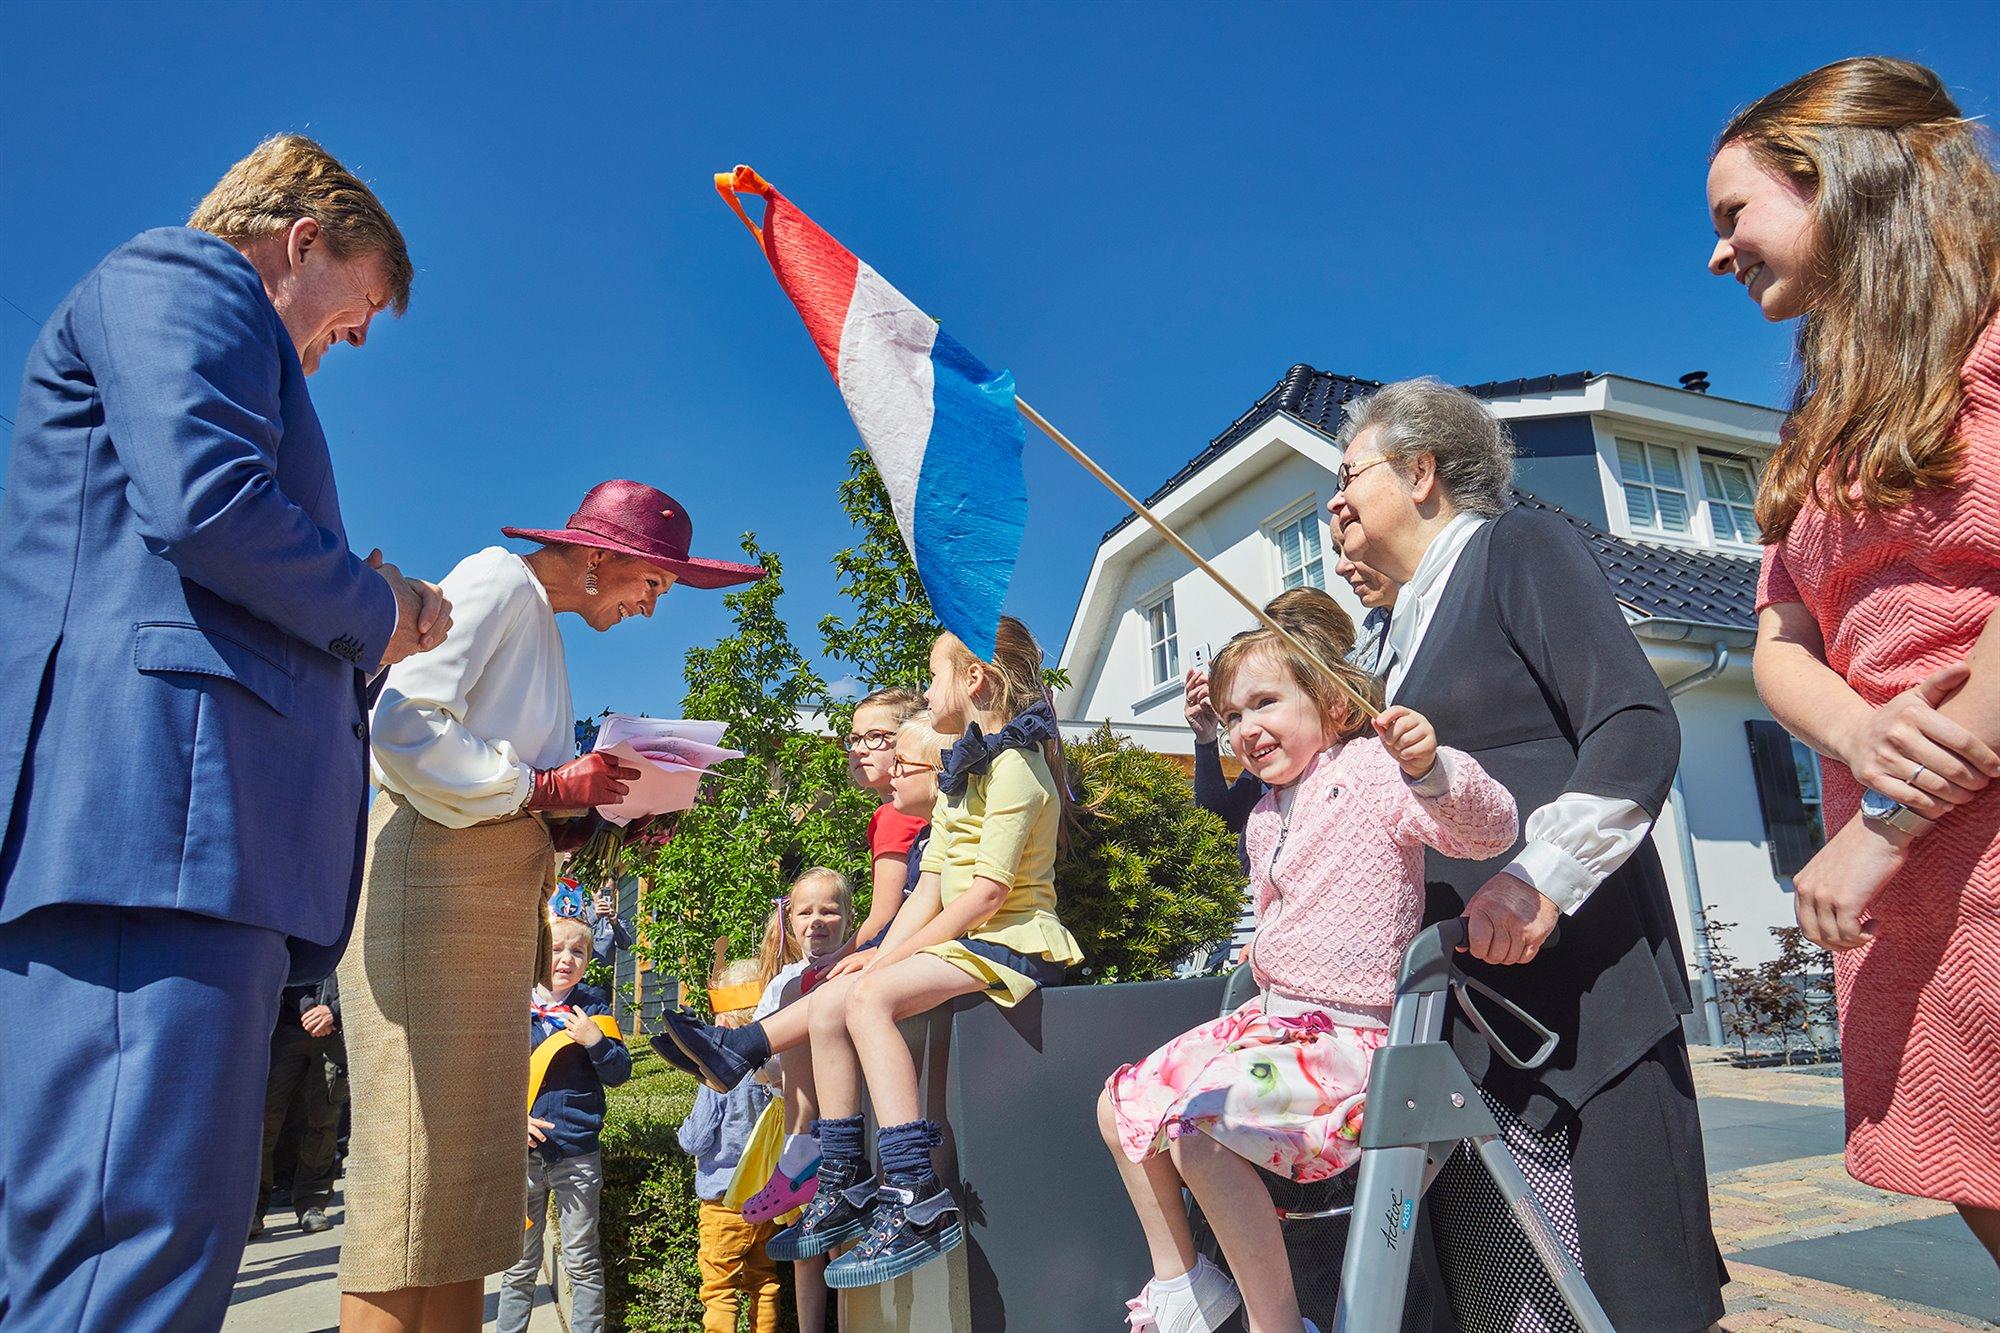 Kinderen langs de route, een meisje zwaait met de Nederlandse vlag, zittend op de rollator van haar oma, Koningin Maxima is in gesprek met enkele jonge kinderen, de Koning luistert mee. Vrolijke gezichte, zonnig tafereel. Op de achtergrond een woonhuis, struiken en een blauwe lucht.